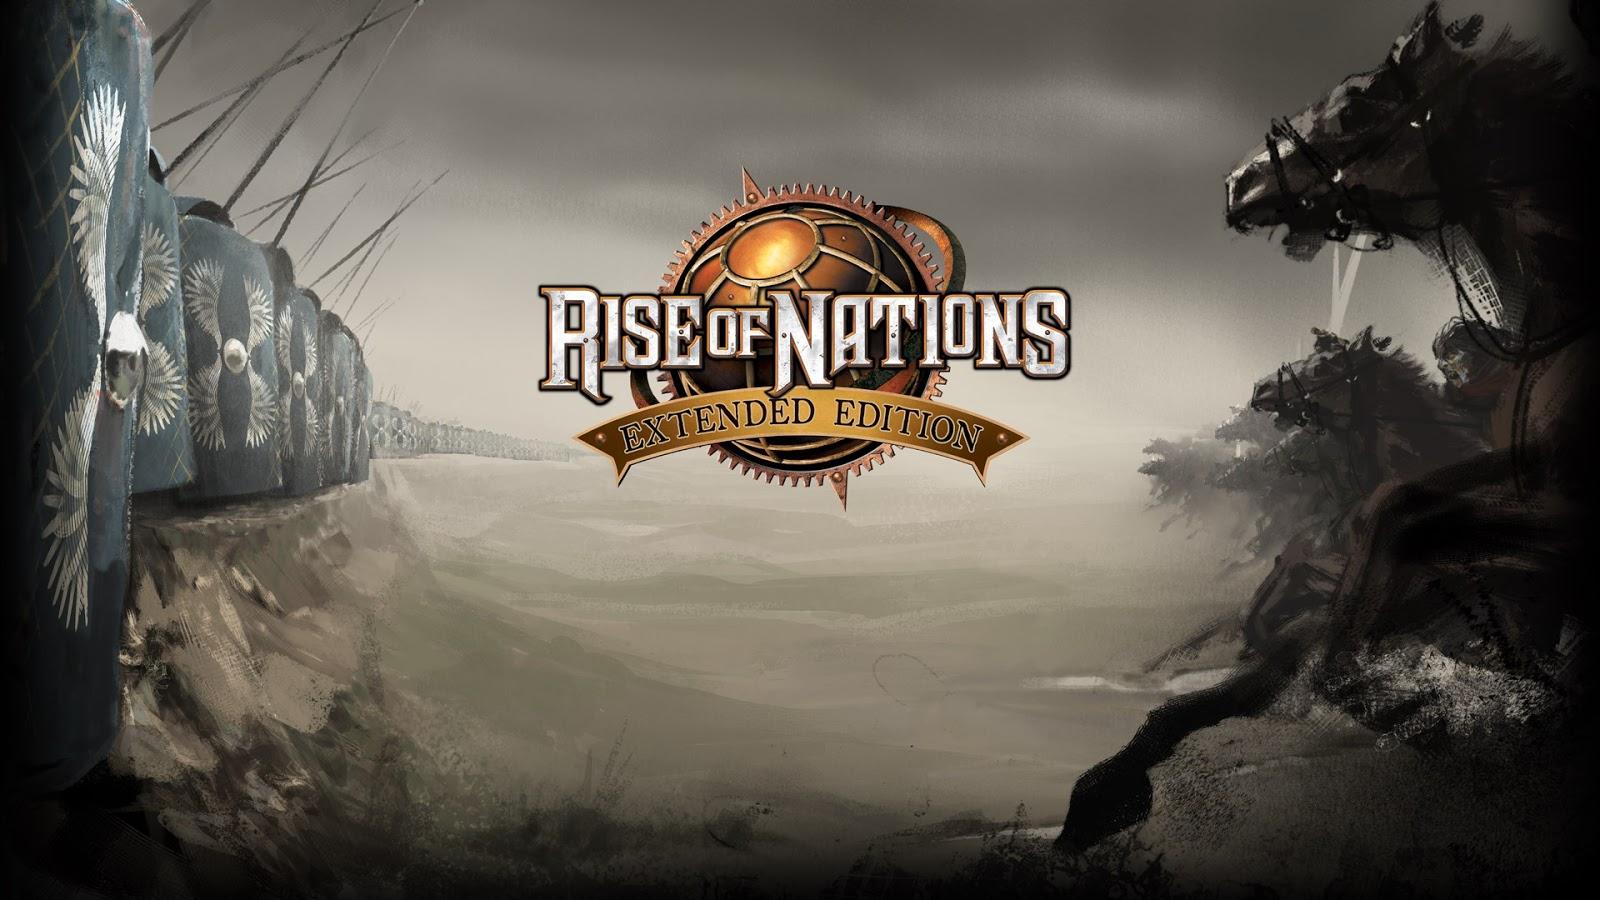 تحميل لعبة rise of nations كاملة برابط واحد